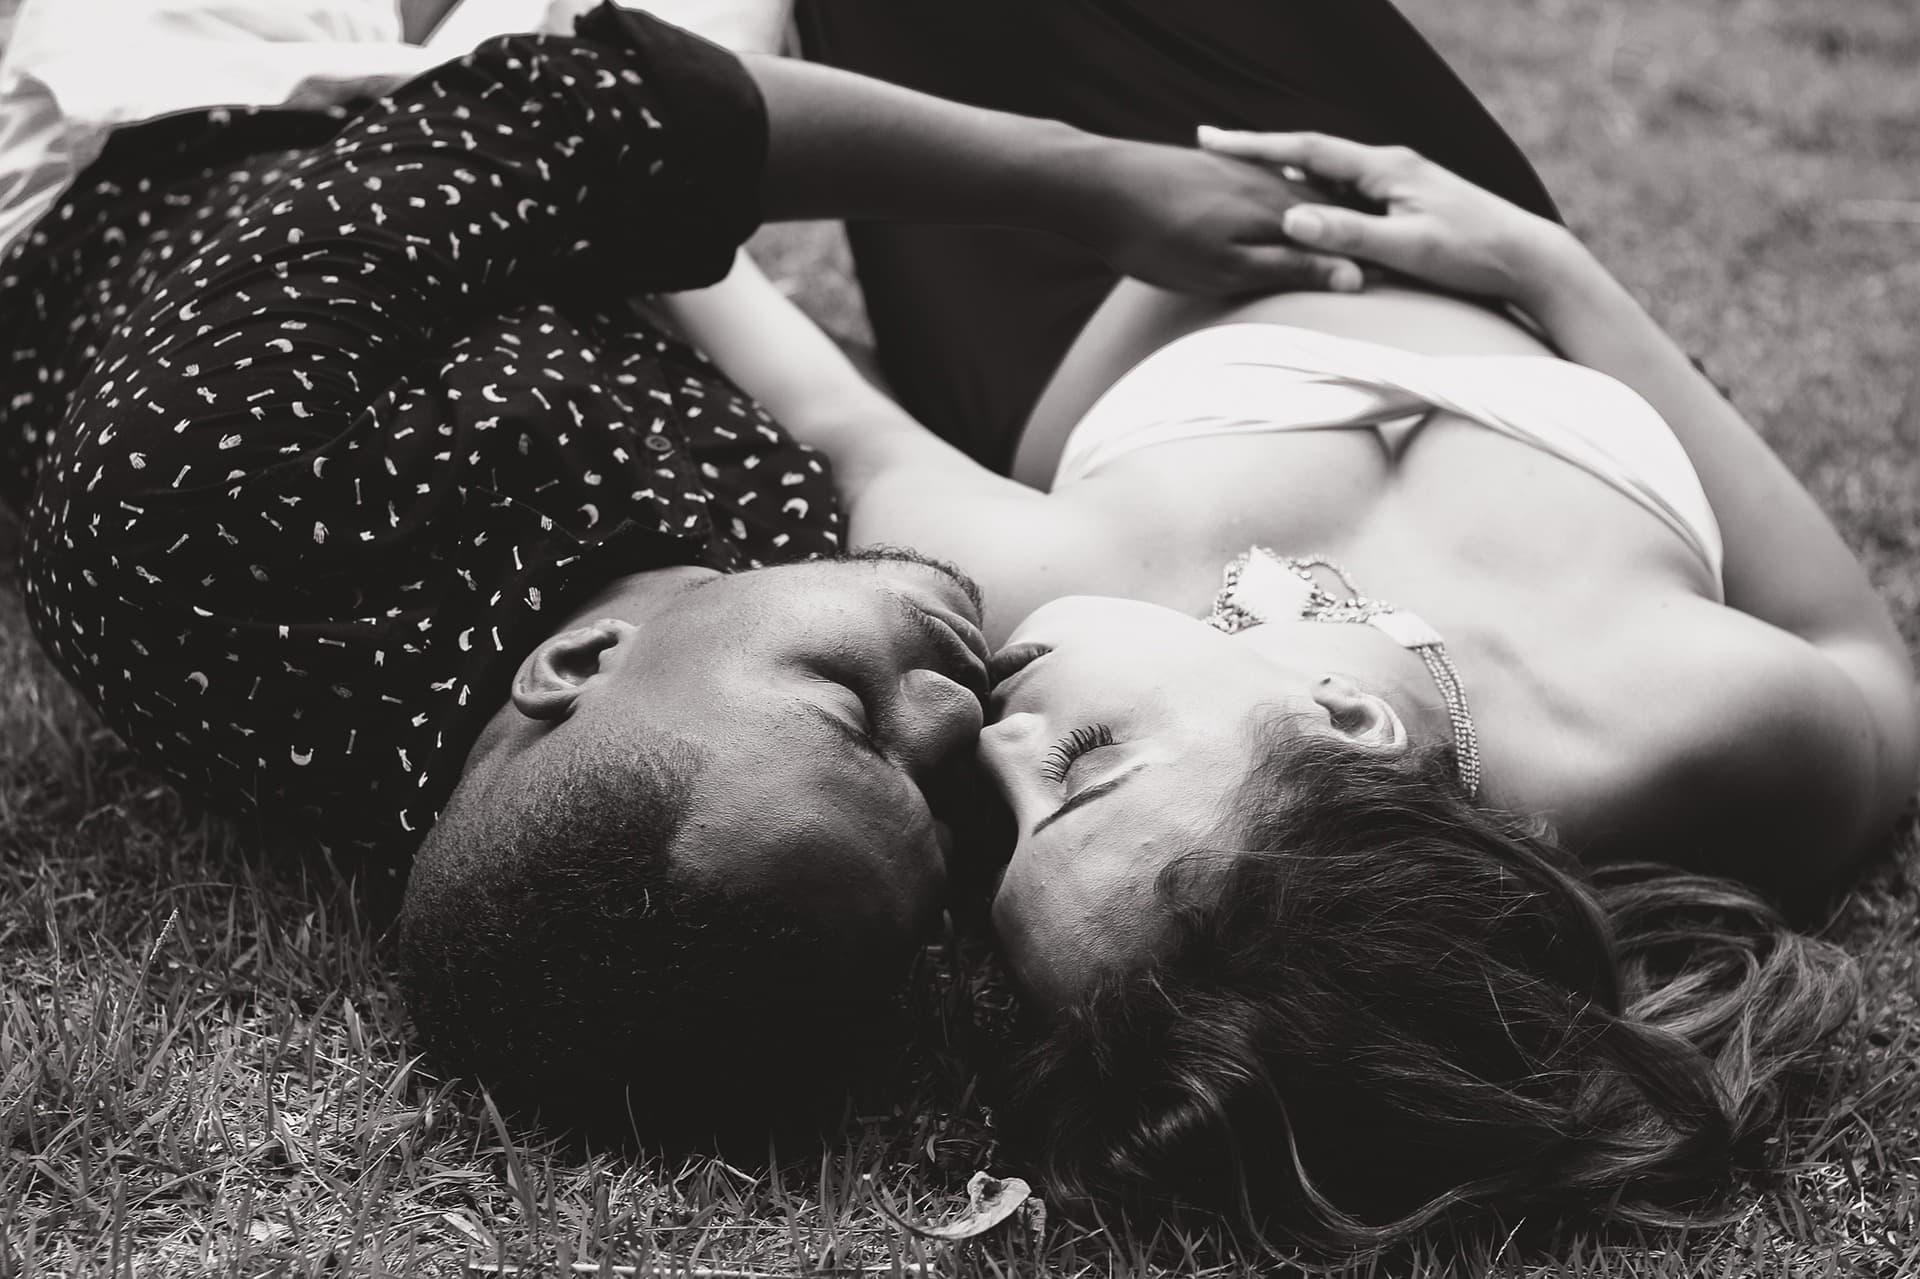 Ценность значения женщины для мужчины обозначается степенью заботы о ней